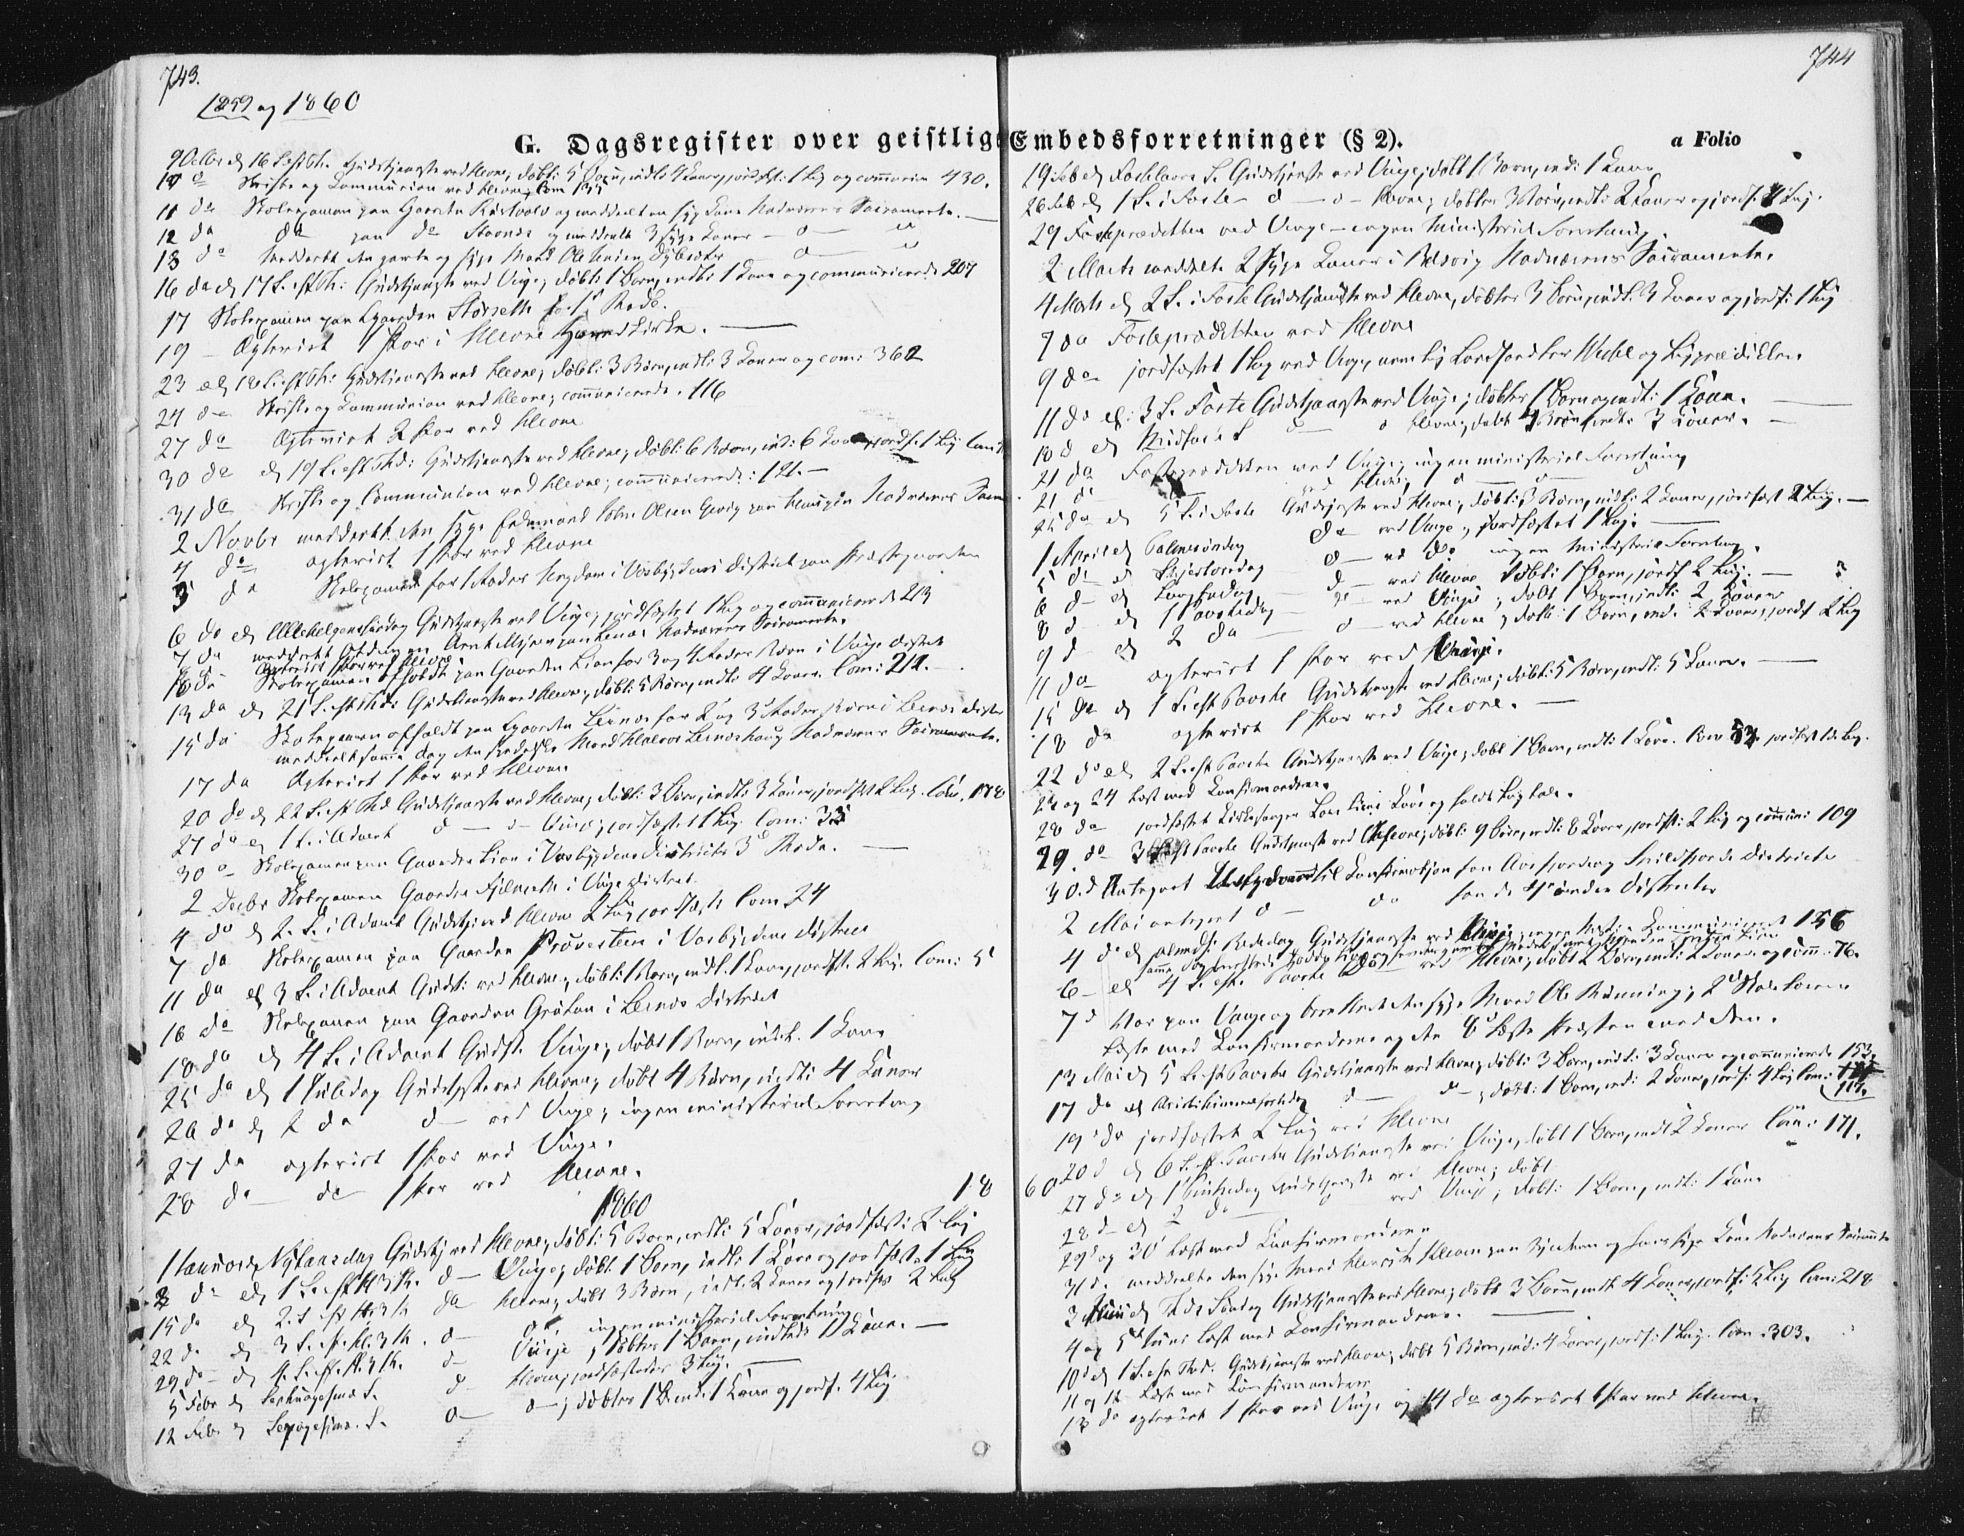 SAT, Ministerialprotokoller, klokkerbøker og fødselsregistre - Sør-Trøndelag, 630/L0494: Ministerialbok nr. 630A07, 1852-1868, s. 743-744